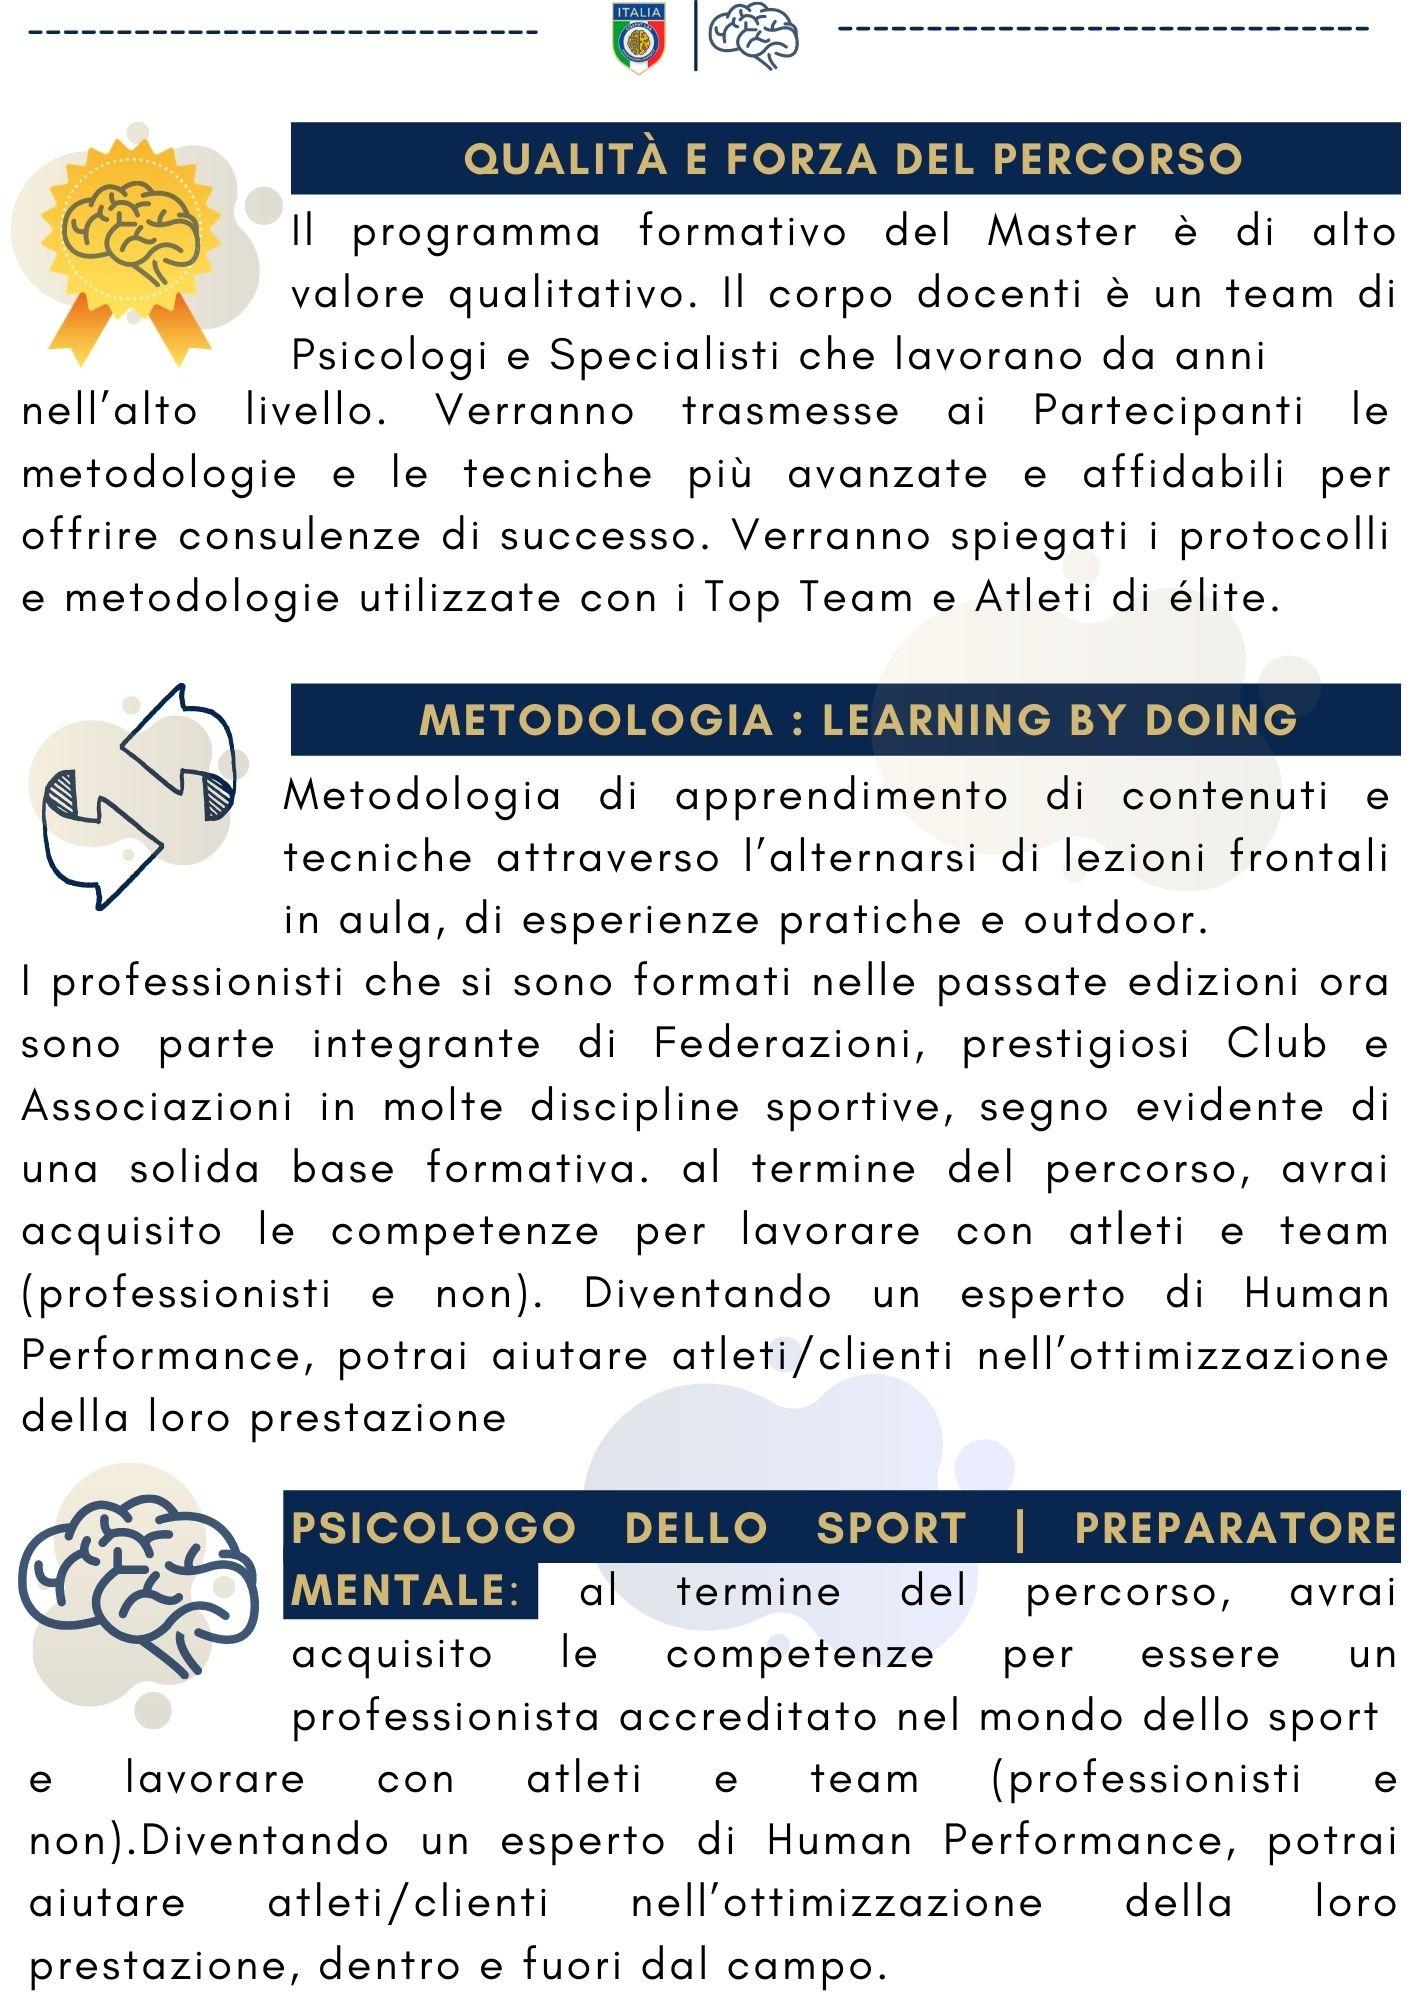 Masterclass 2021 psicologi dello sport e dell esercizio fisico sport psico psicologia dello (4)